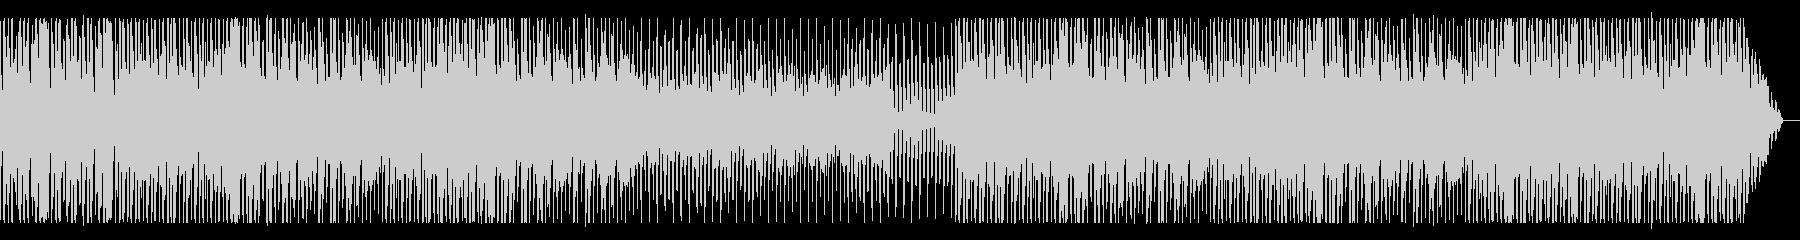 ピアノが中心の都会的テクノ系BGMの未再生の波形